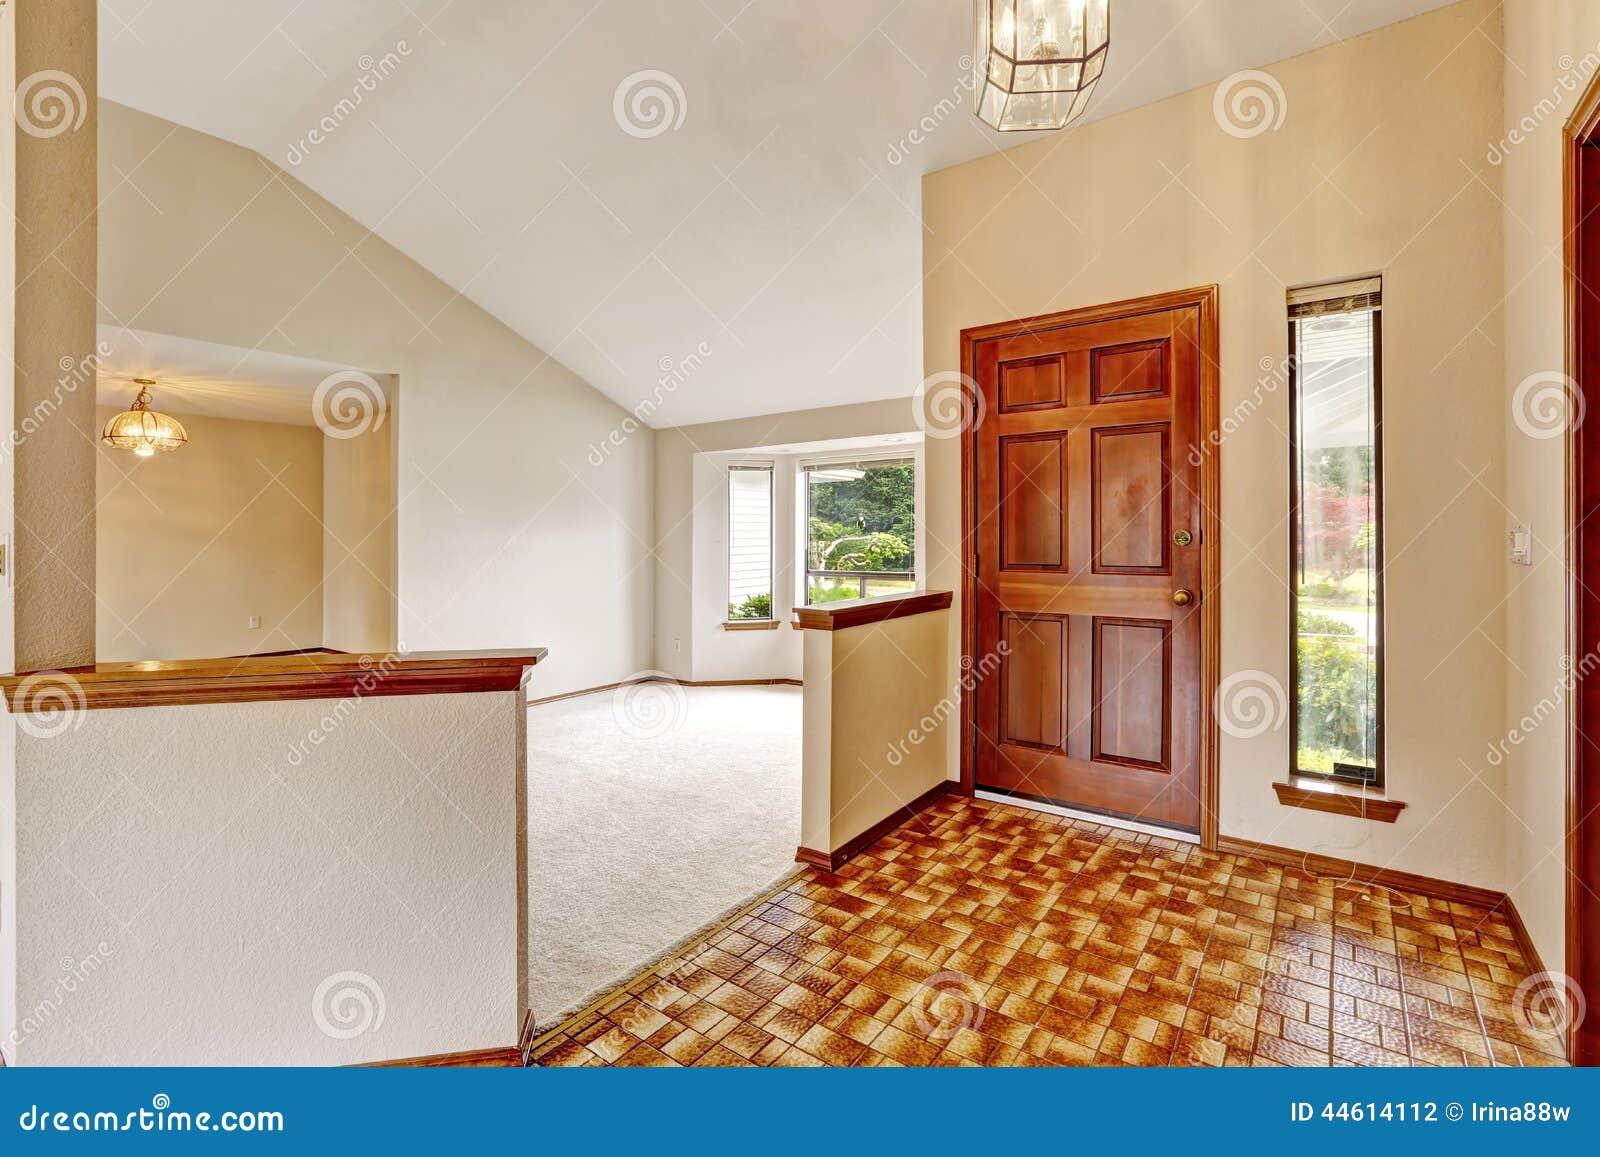 Int rieur vide de maison avec le plancher ouvert couloir d 39 entr e photo s - Maison avec vide sur salon ...